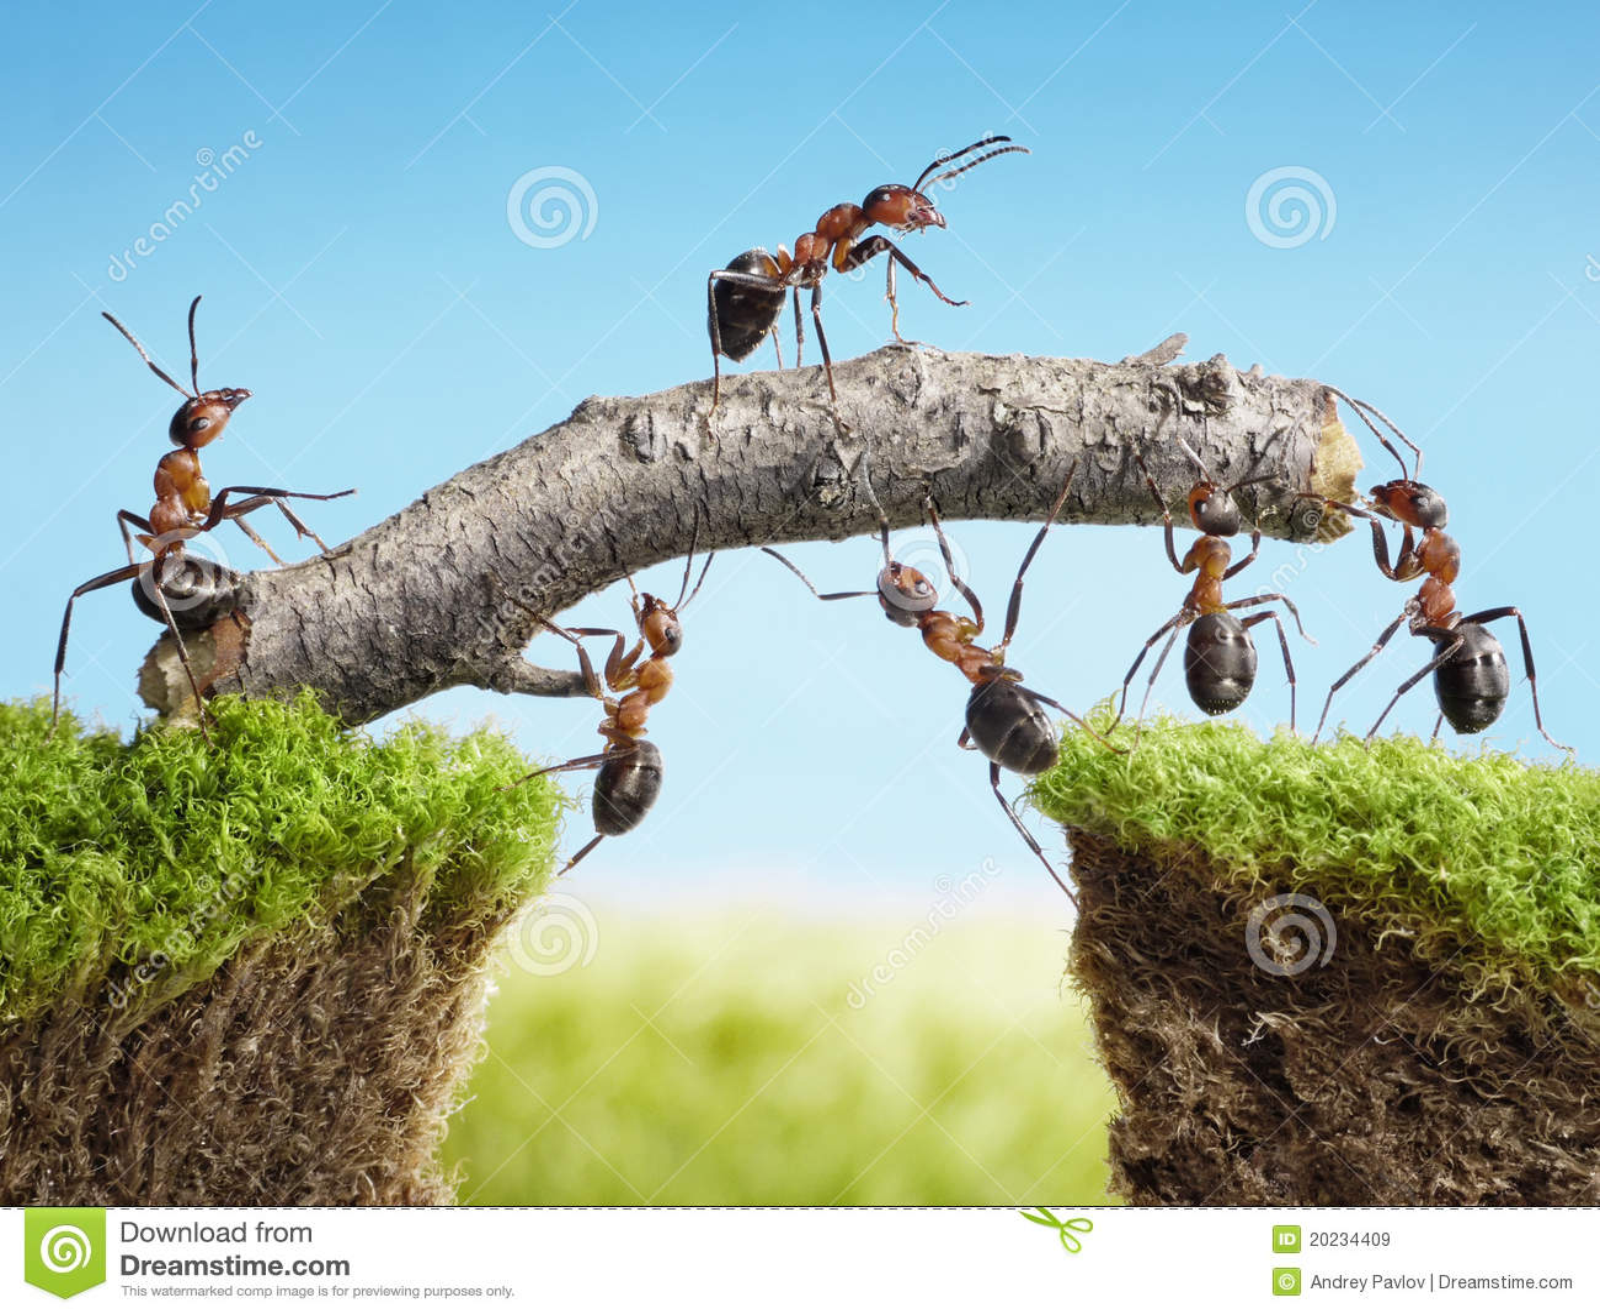 personas de las hormigas que construyen el puente trabajo en equipo imagen de archivo imagen. Black Bedroom Furniture Sets. Home Design Ideas